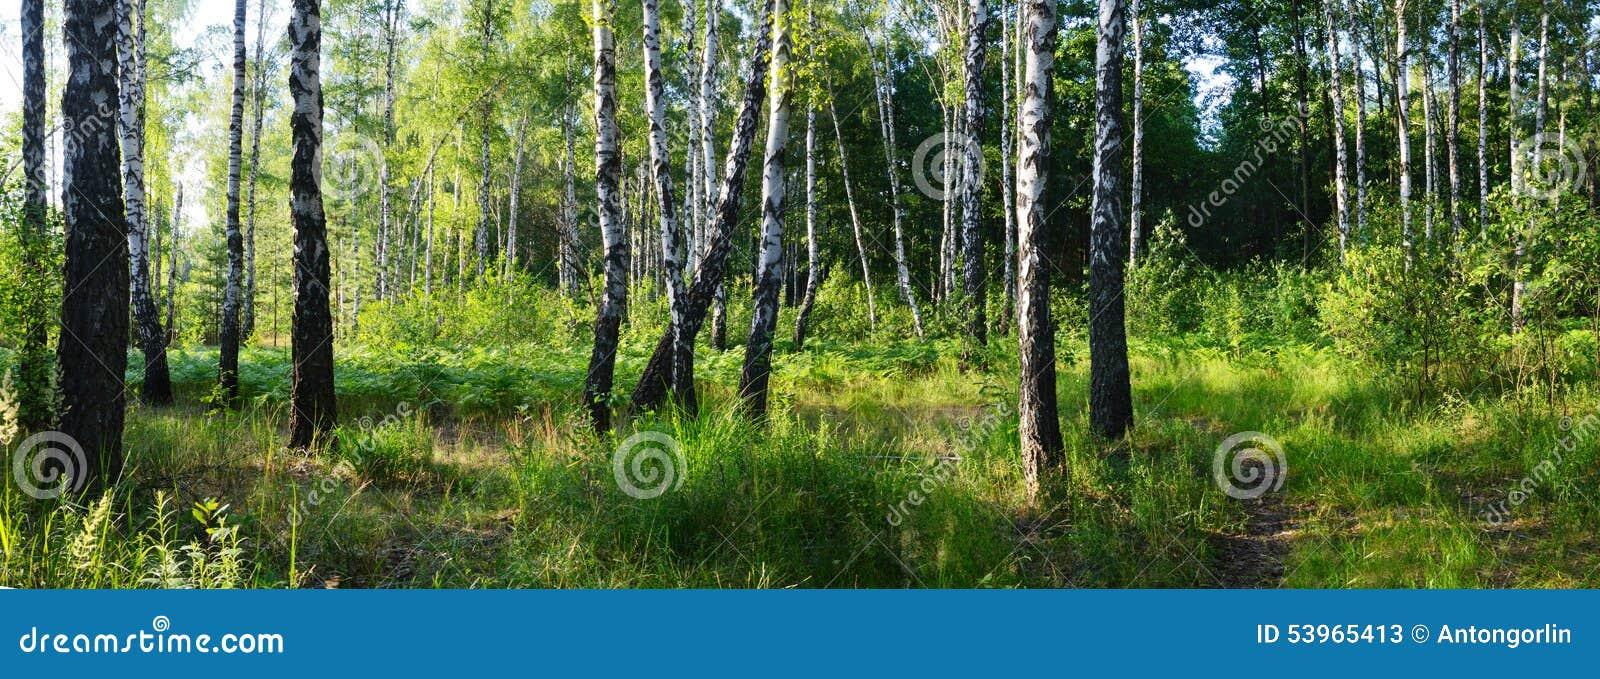 Bosque verde do vidoeiro